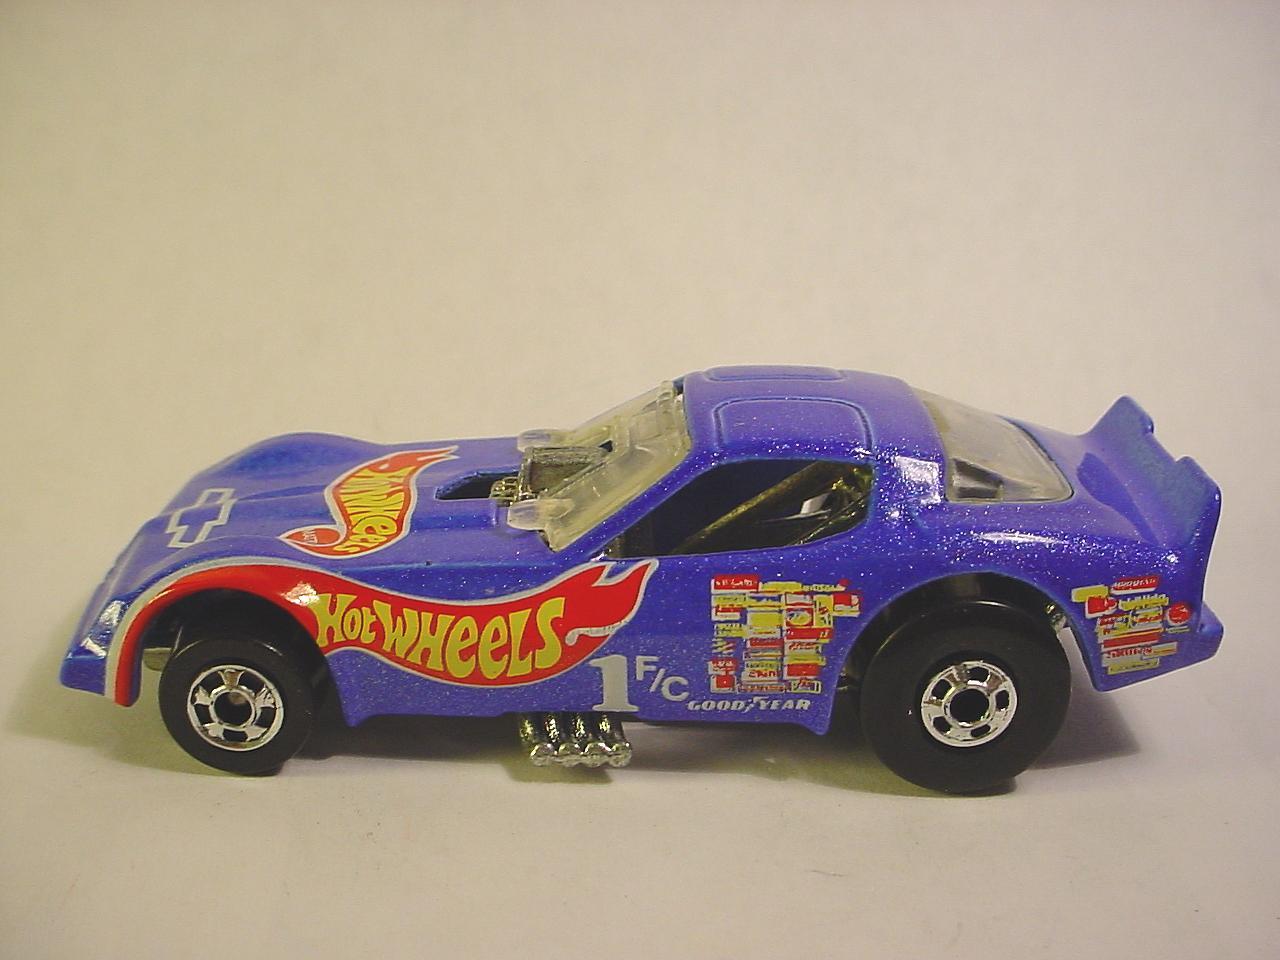 1995 Firebird Funny Car 271 Hot Wheels Online Variation